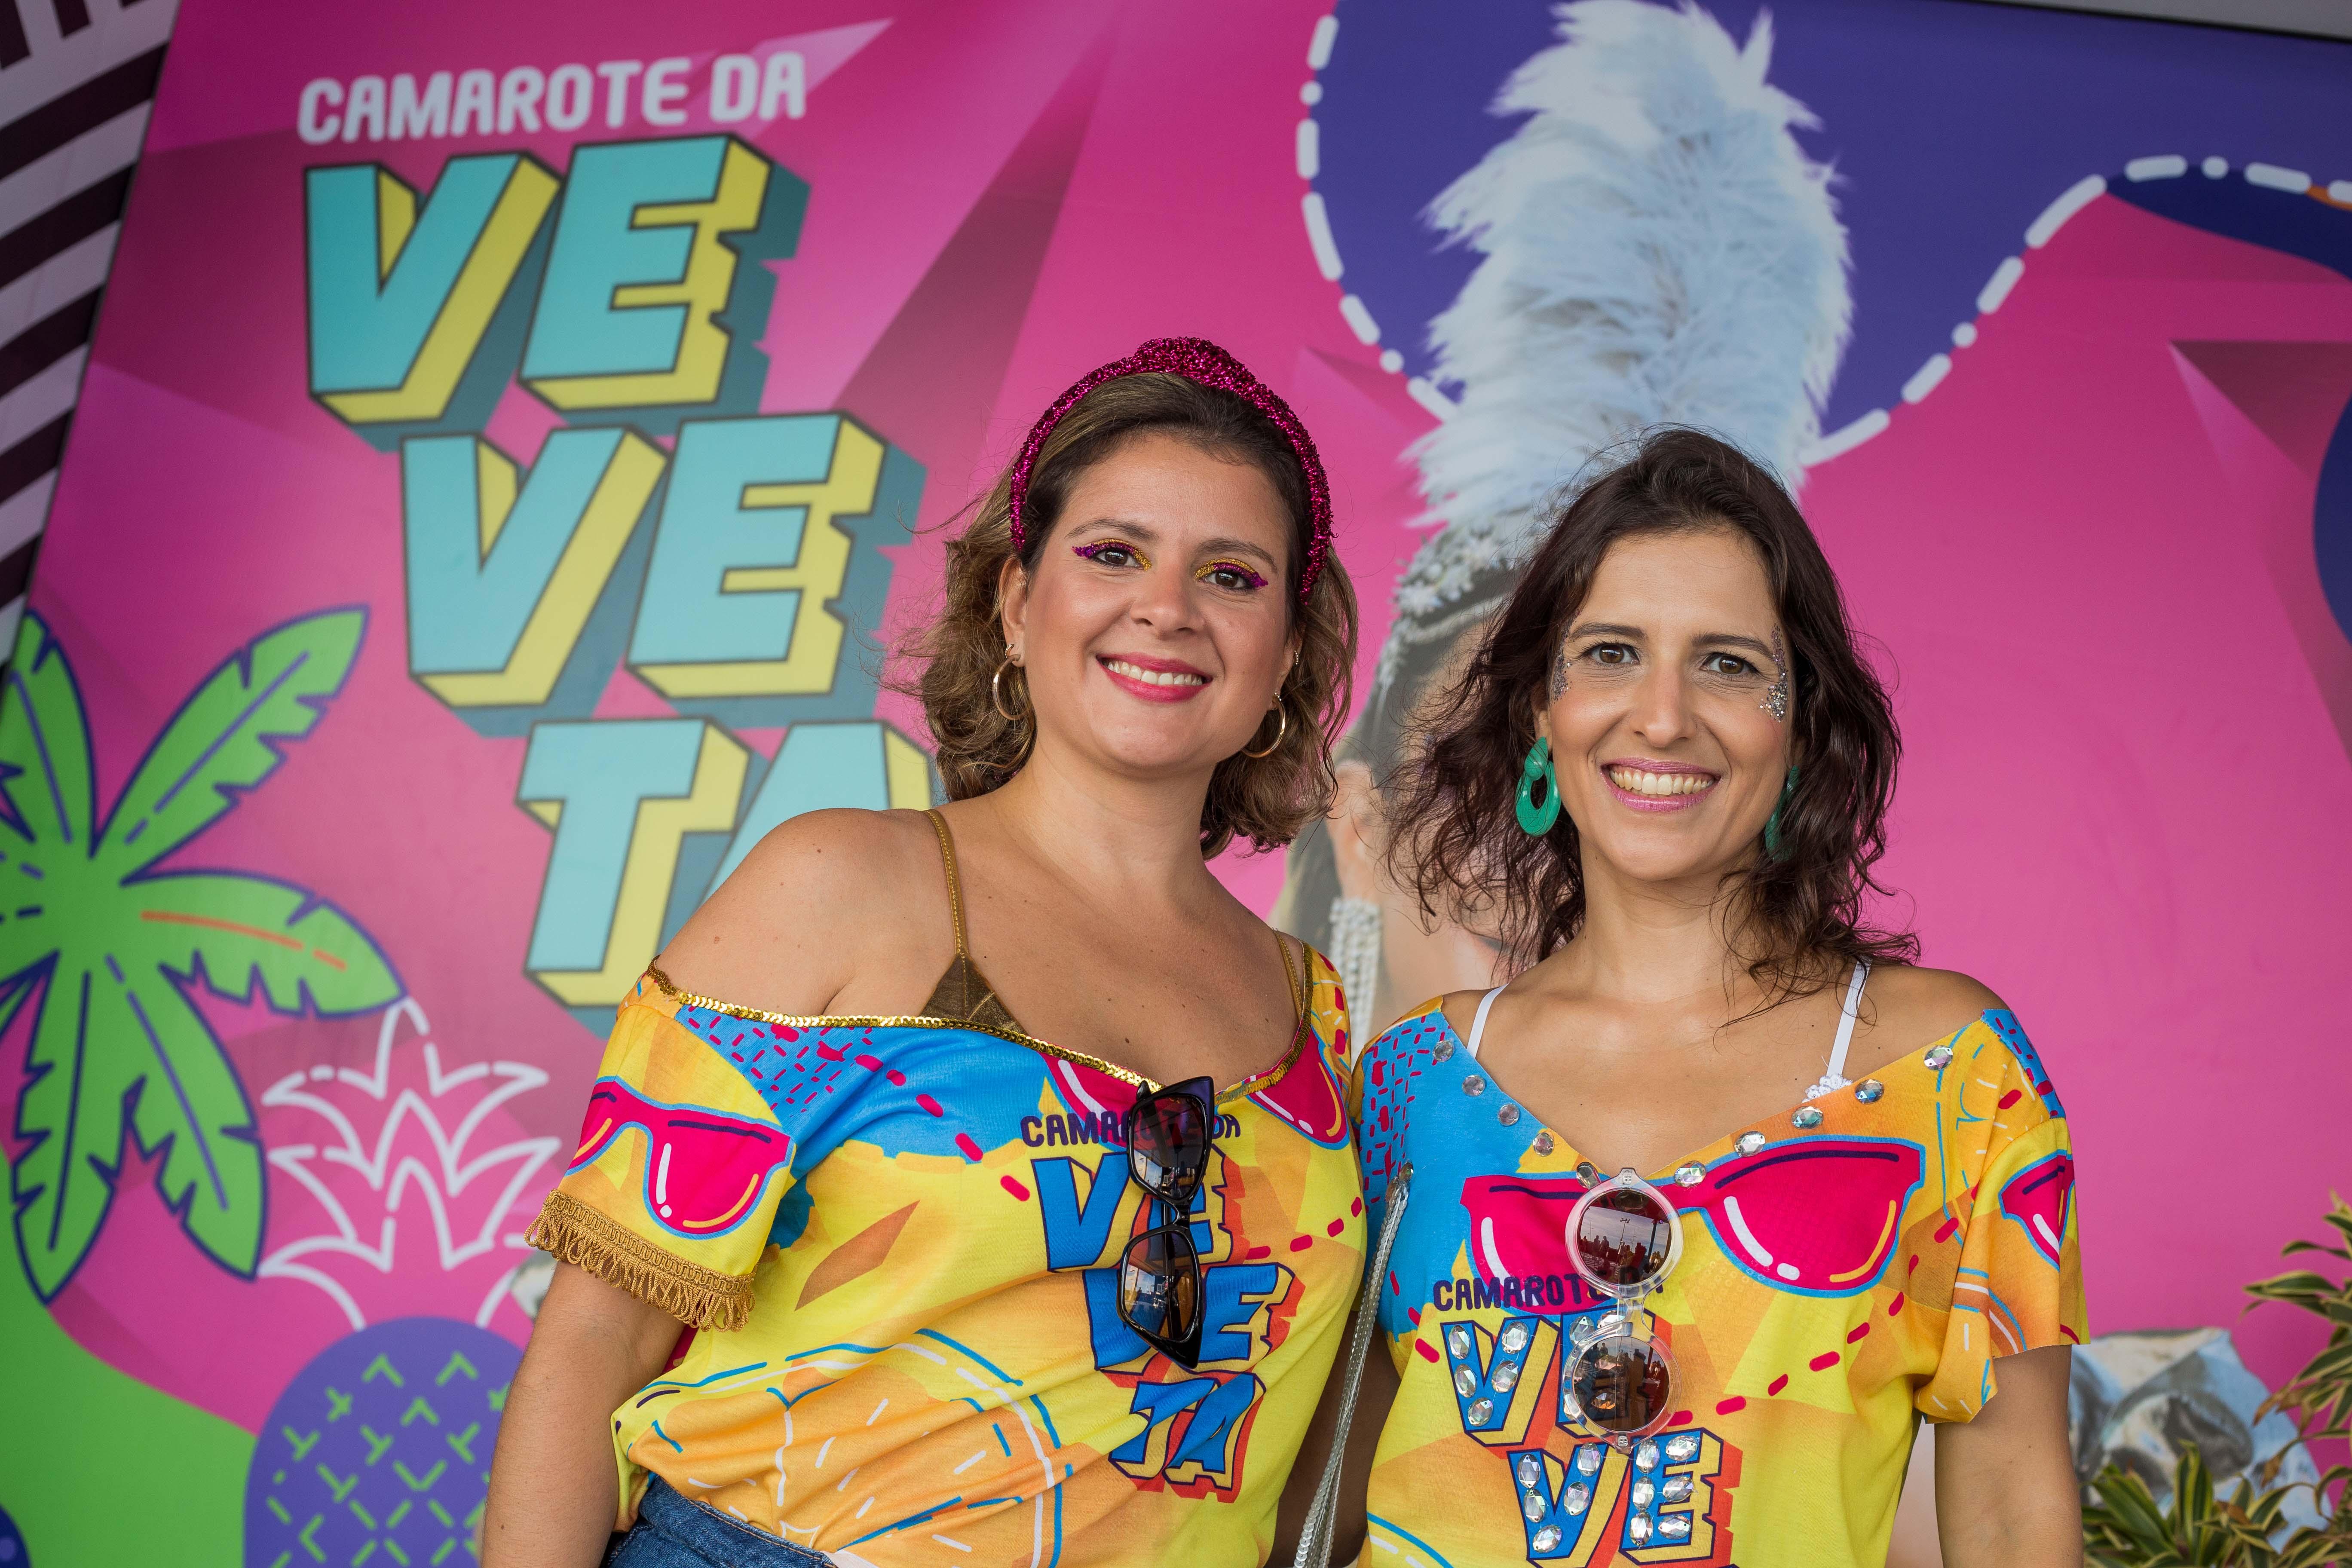 Marilia Lopes e Talita Faleidos